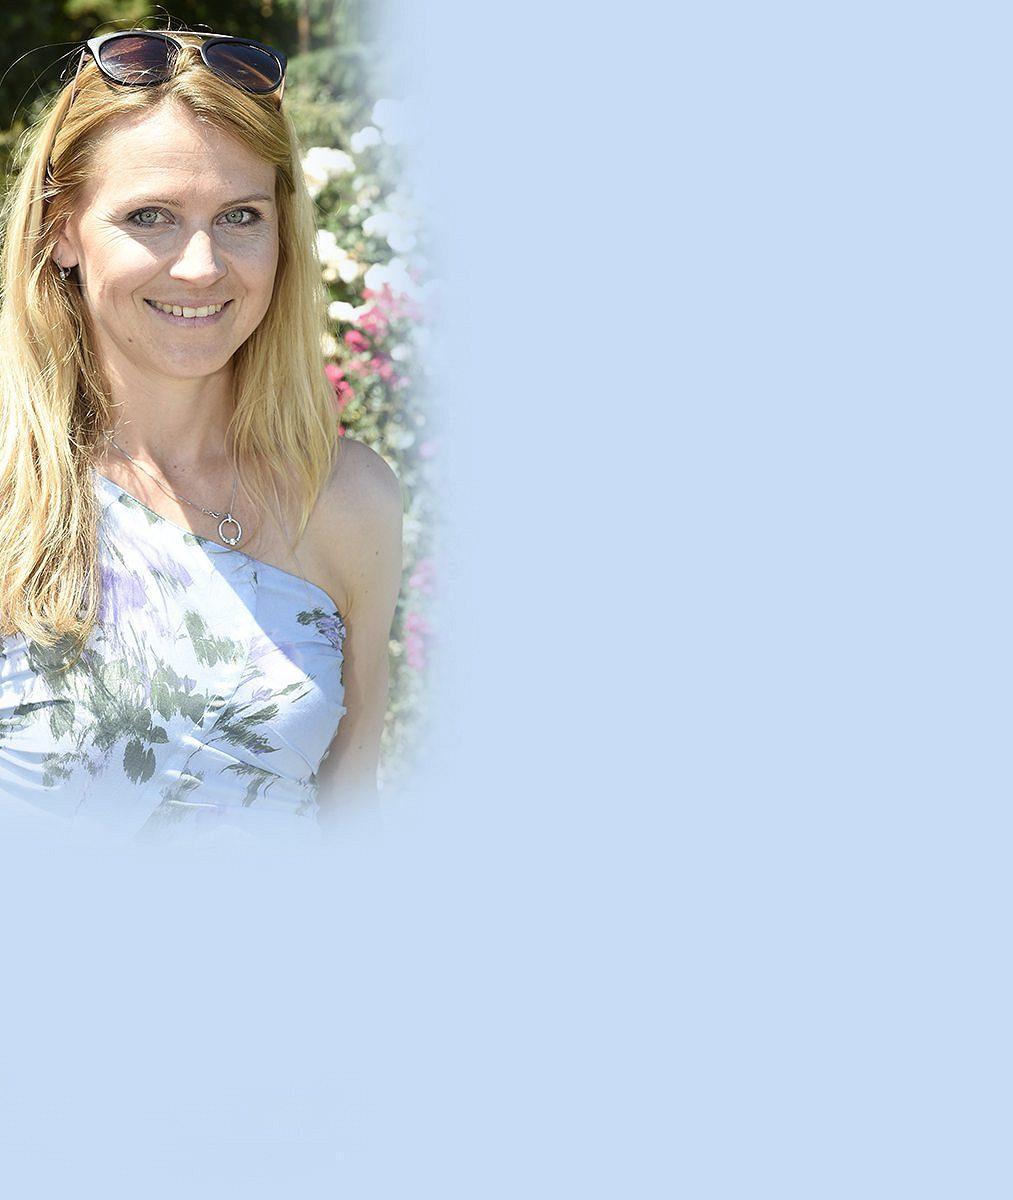 Posilují imunitu v Řecku: Lucie Šafářová se pochlubila zamilovanou fotkou s usmívajícím se Plekancem